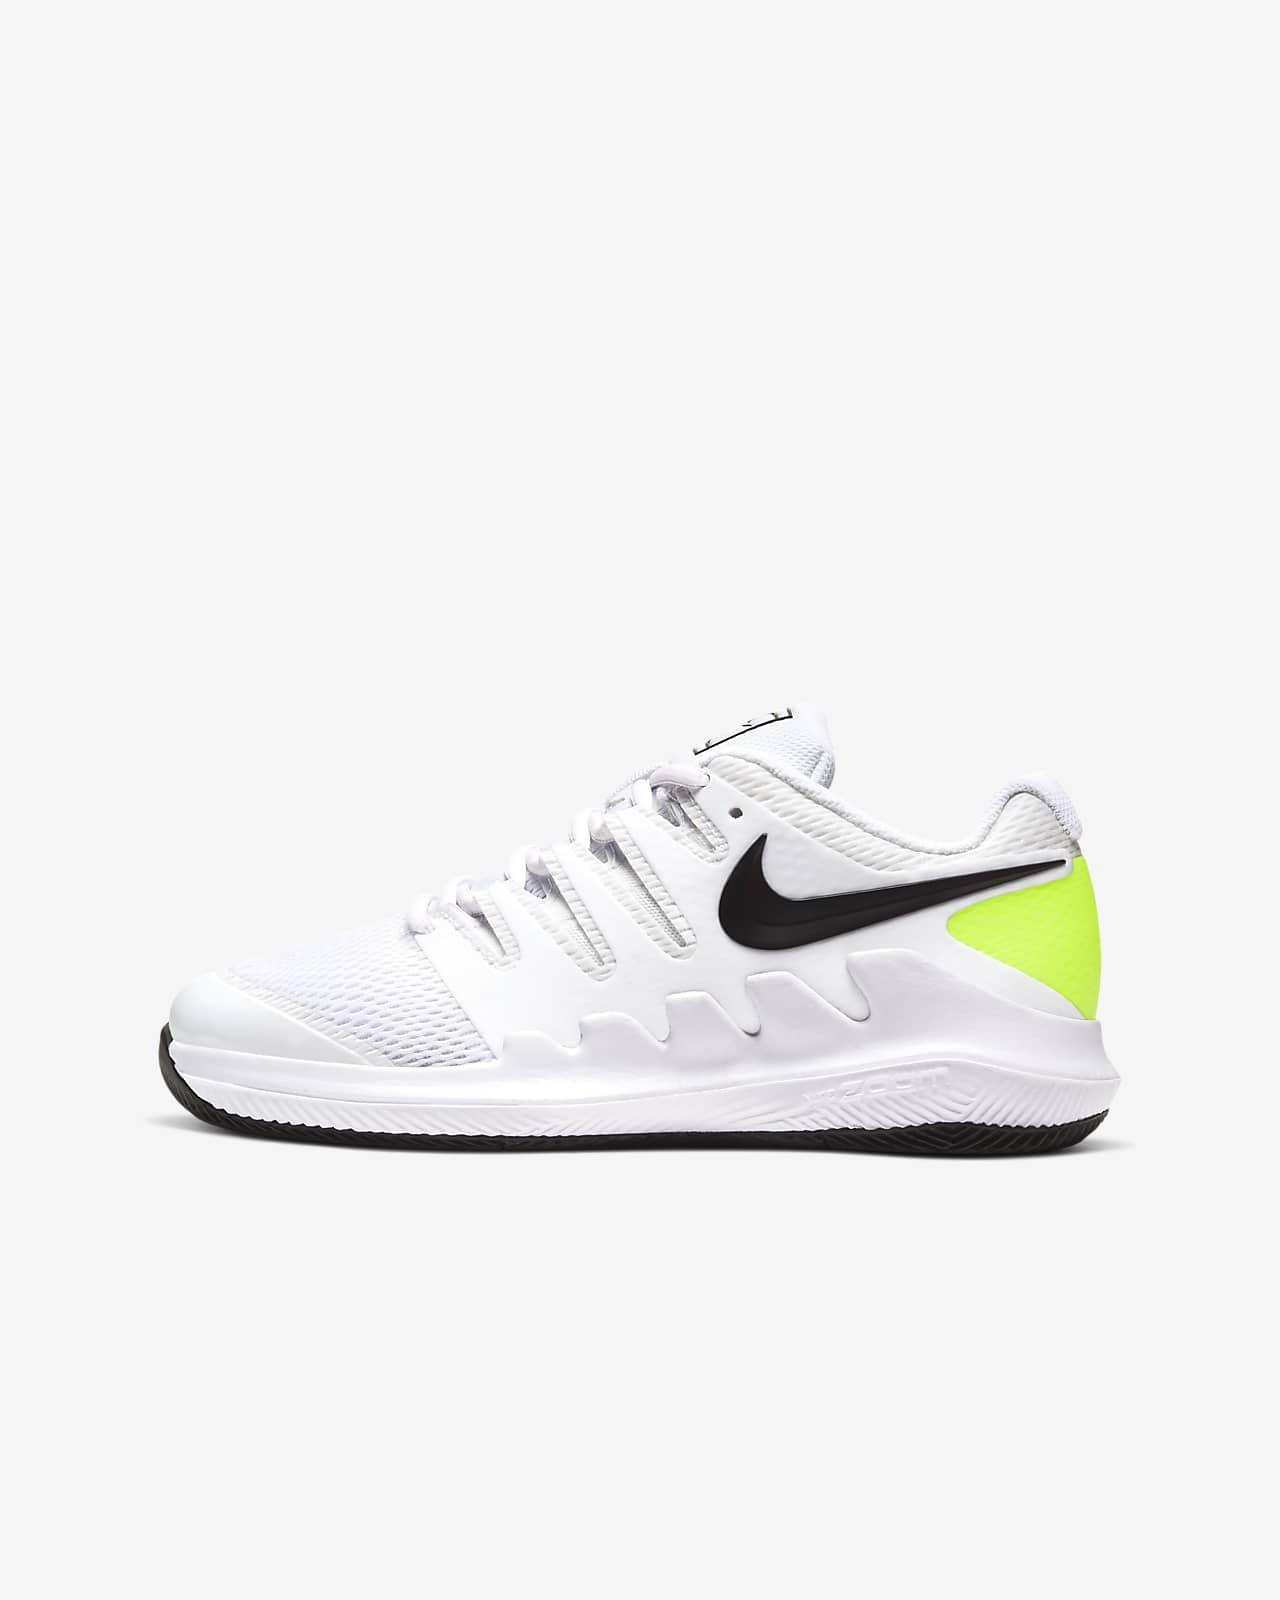 chaussure nike enfant garcon air max vapor